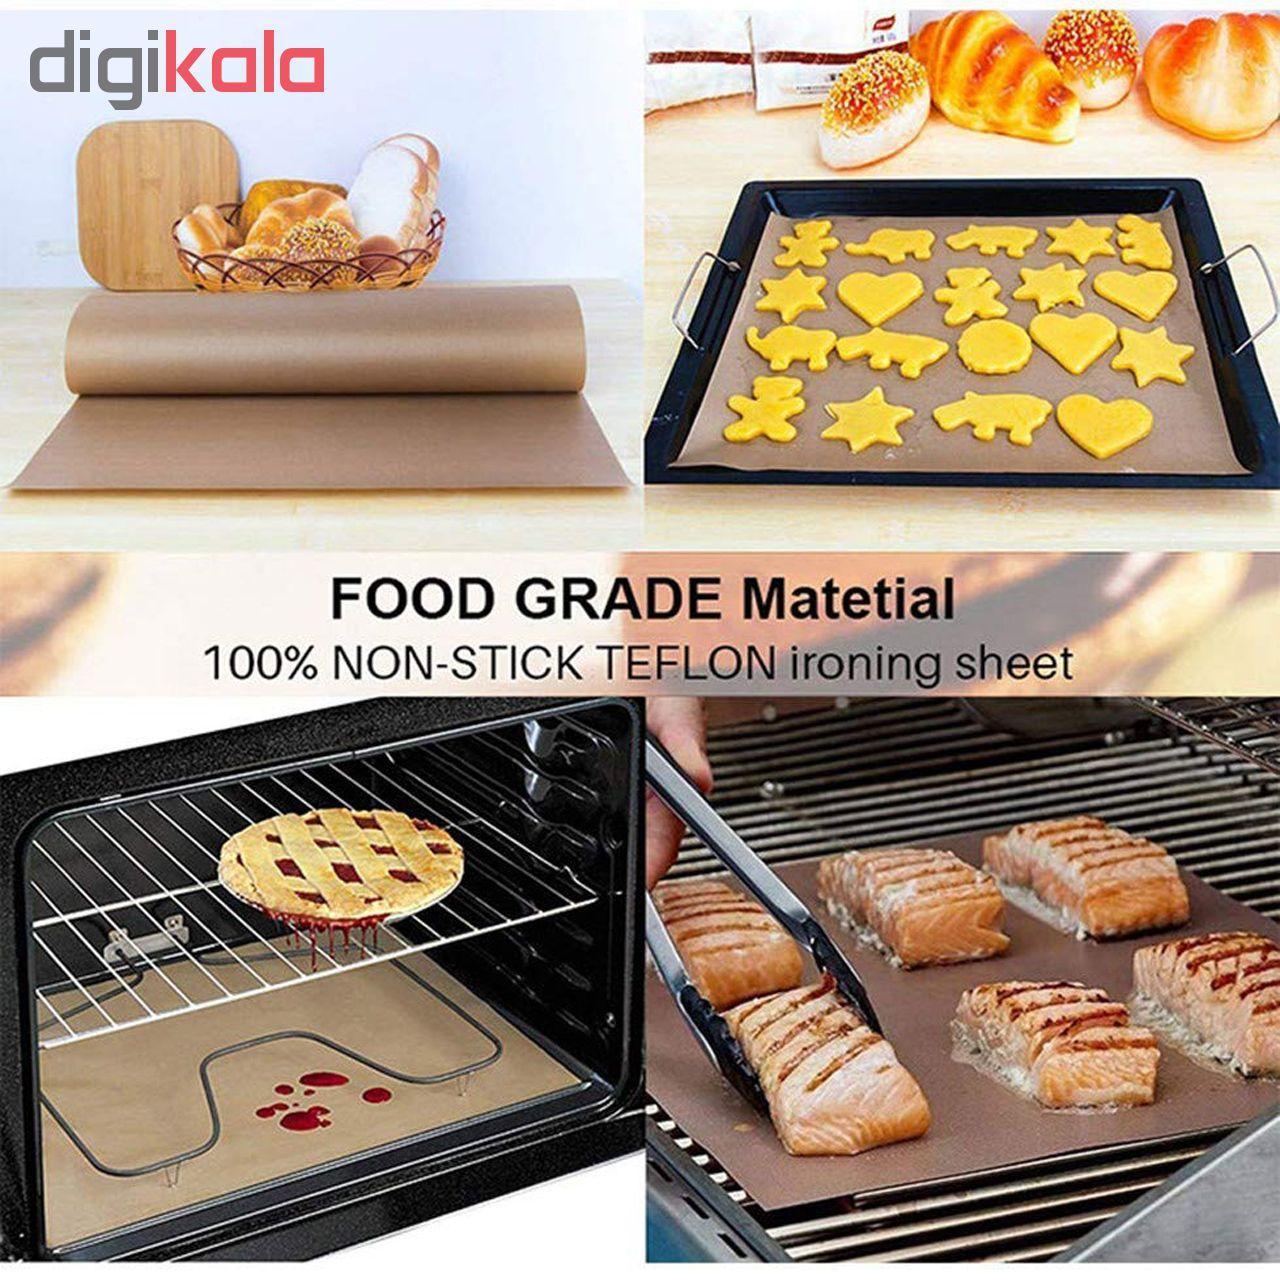 ورق نسوز آشپزی و شیرینی پزی  مدل 4060 بسته 2 عددی main 1 1